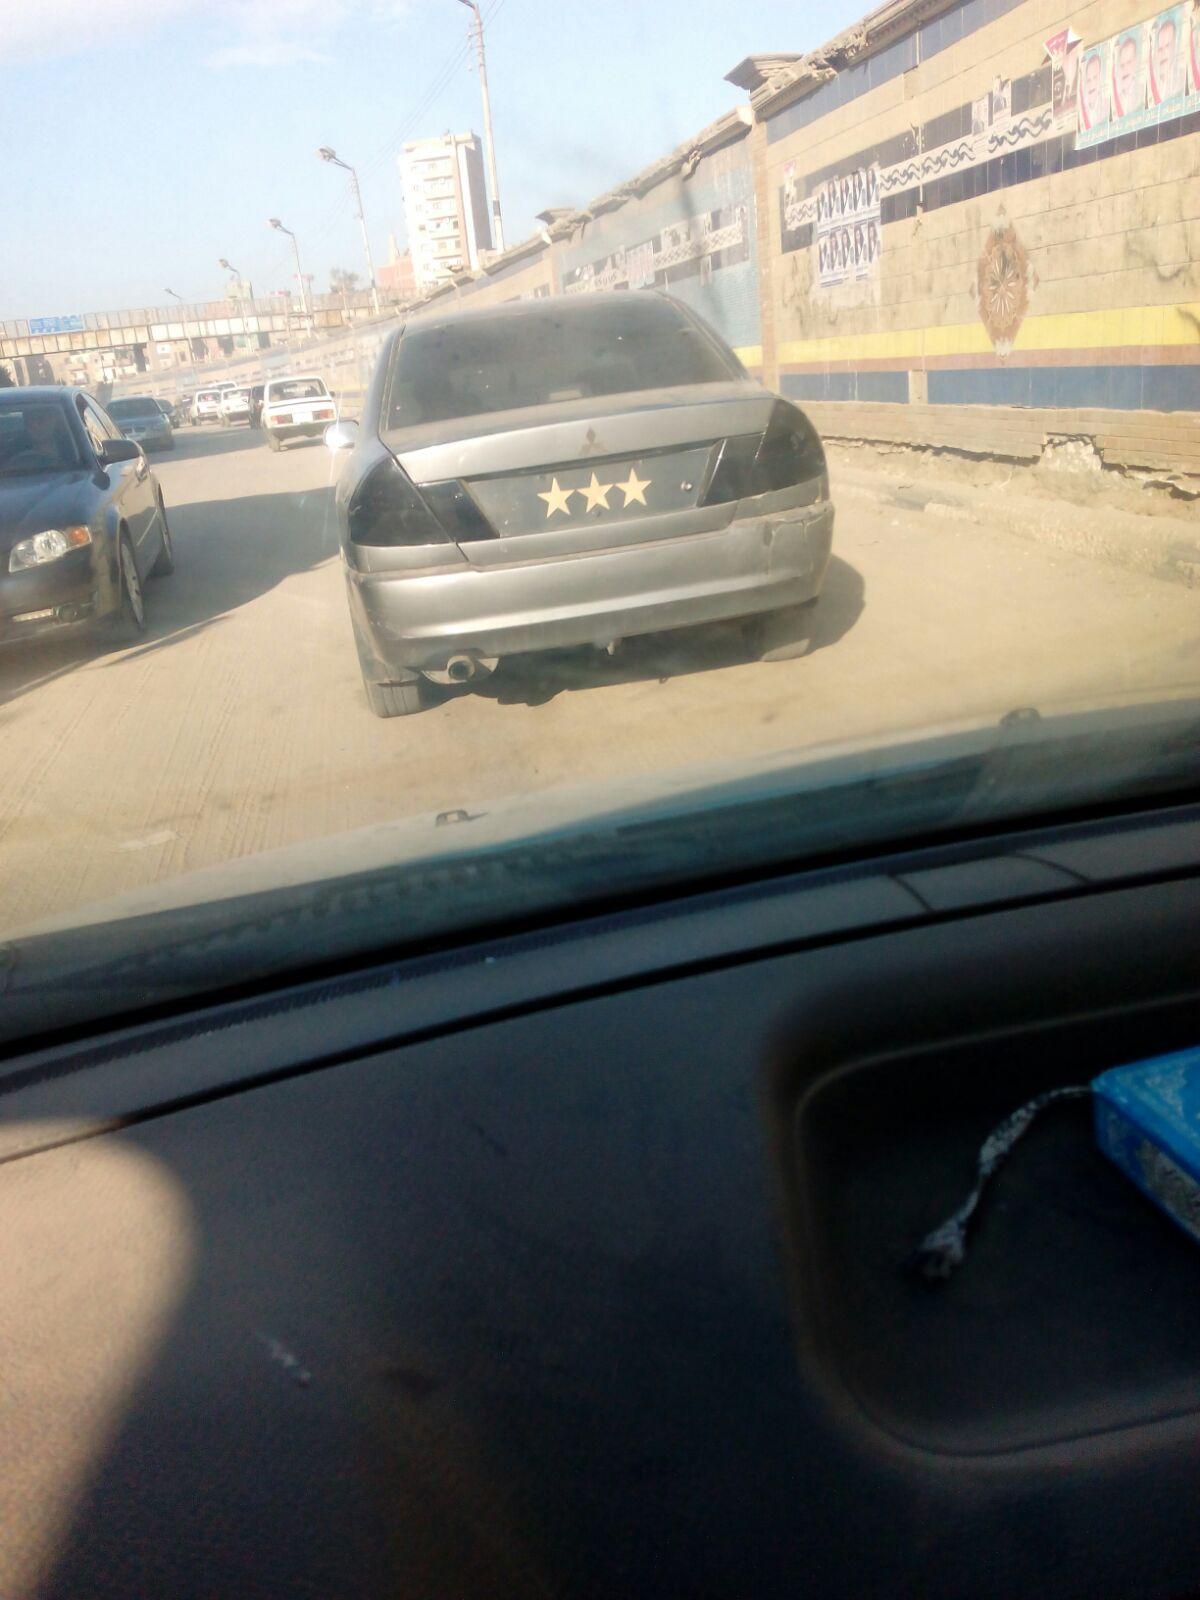 بلوحة «3 نجوم».. سيارة مخالفة تتحرك بحرية بشوارع الشرقية